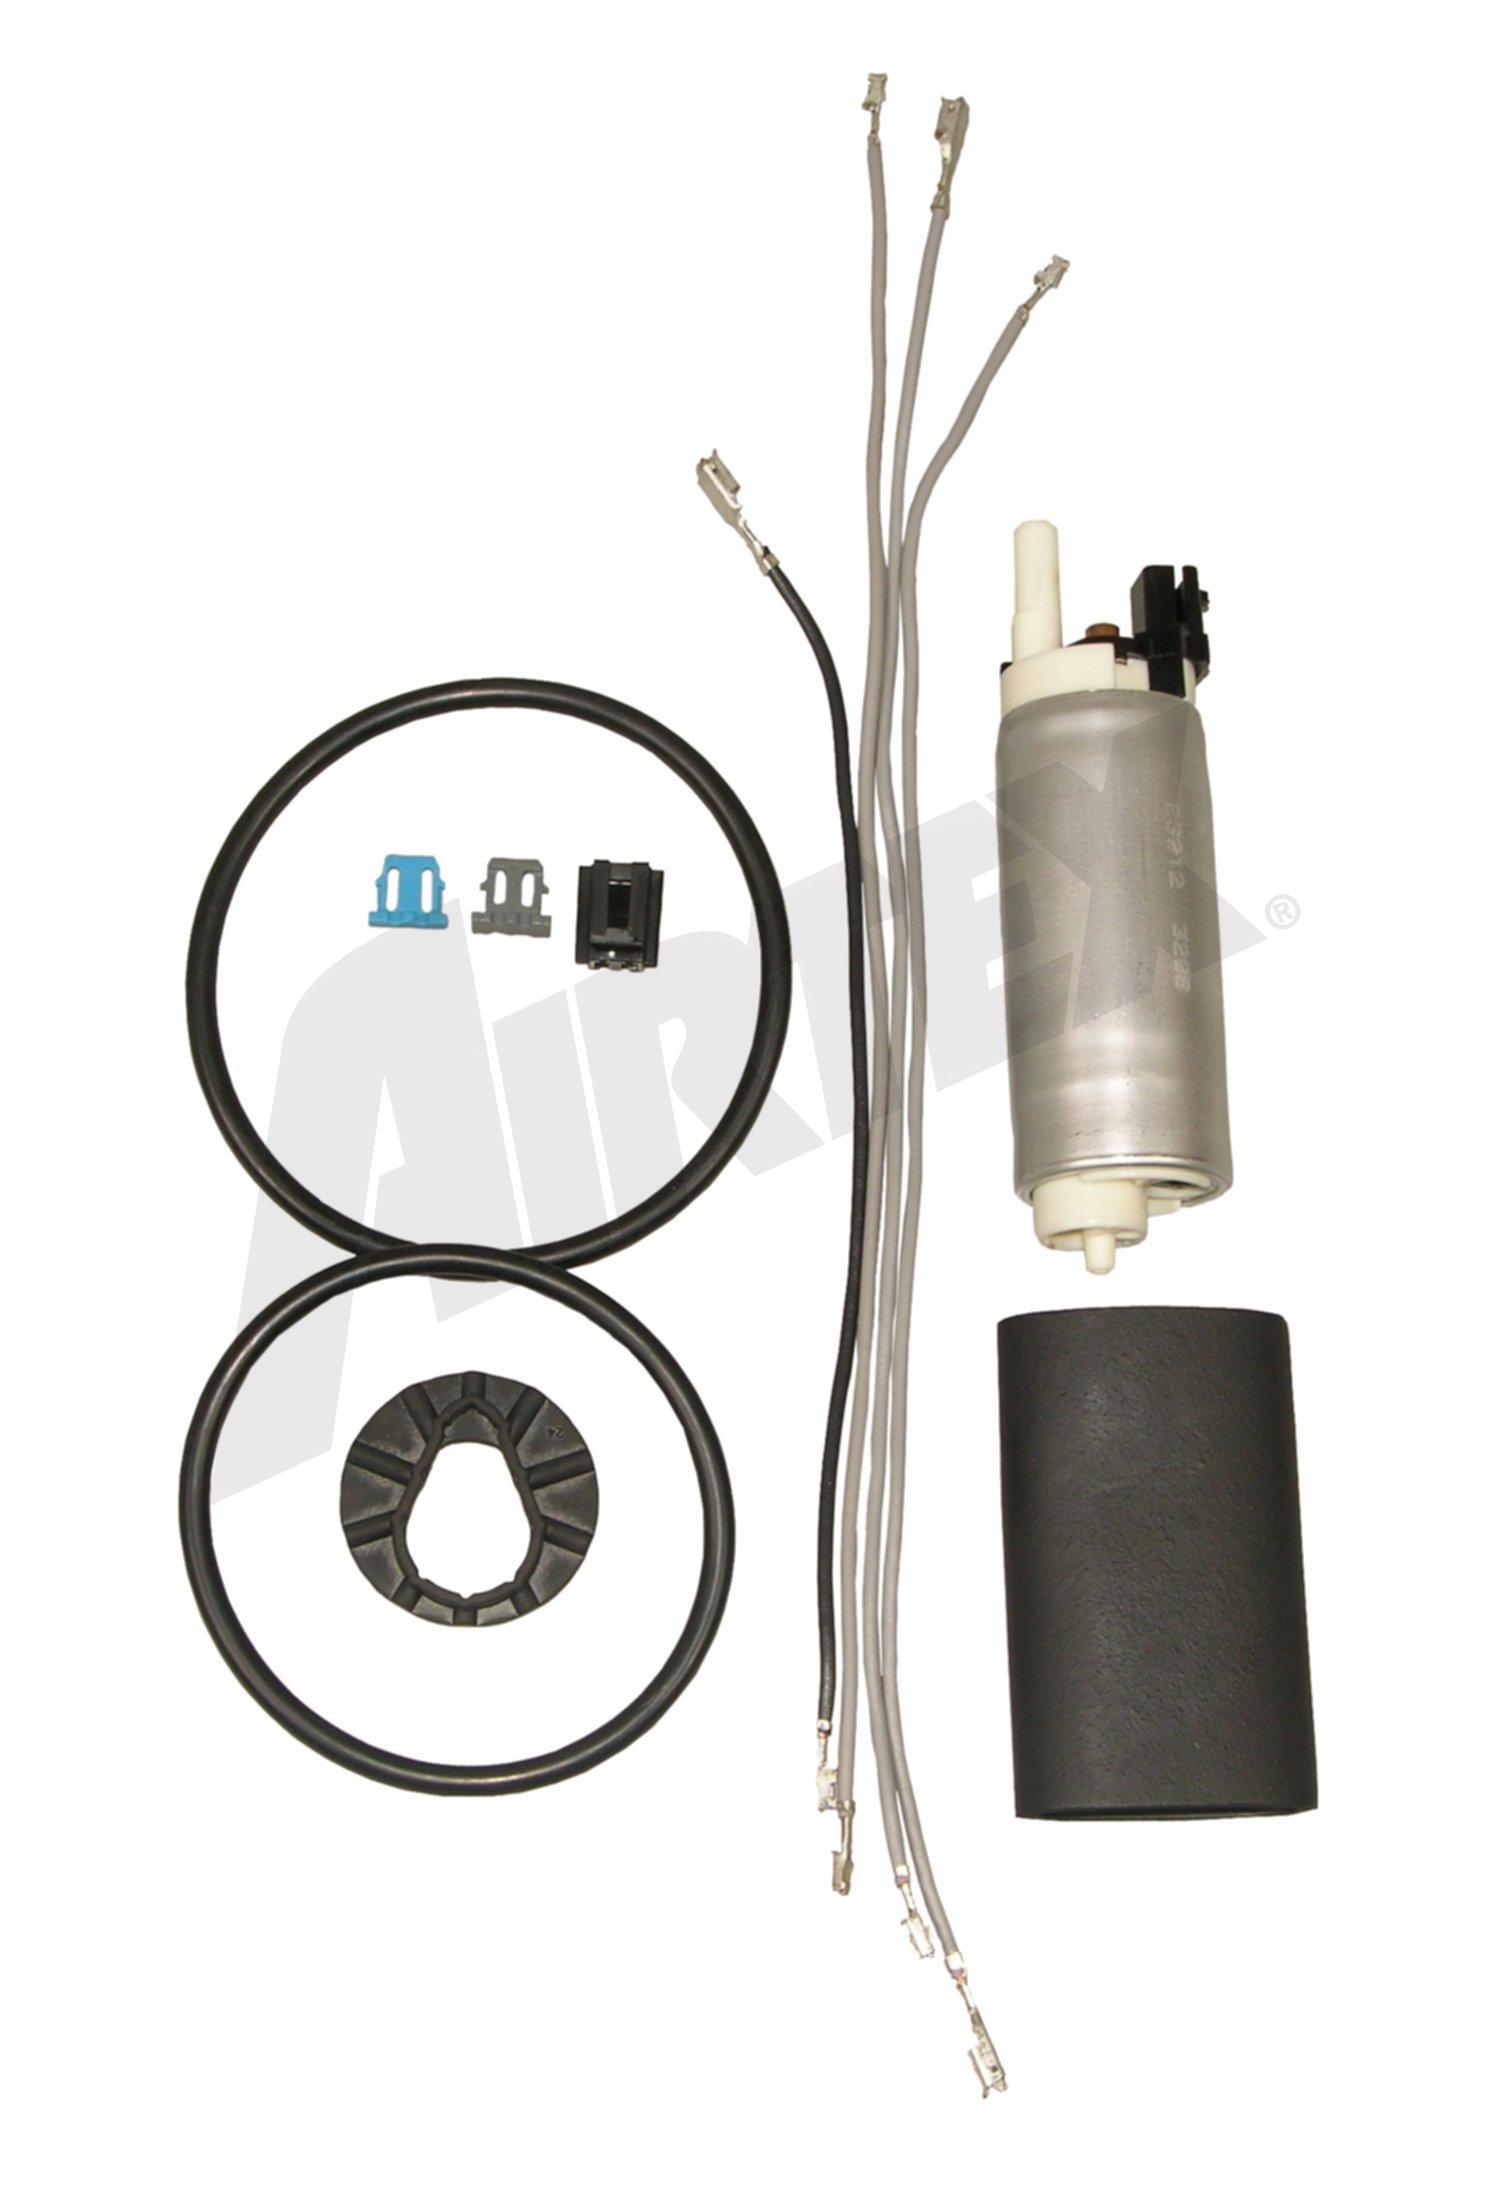 Image of Airtex Fuel Pumps E3212 Electric Fuel Pump Fits 1985-1989 Cadillac DeVille